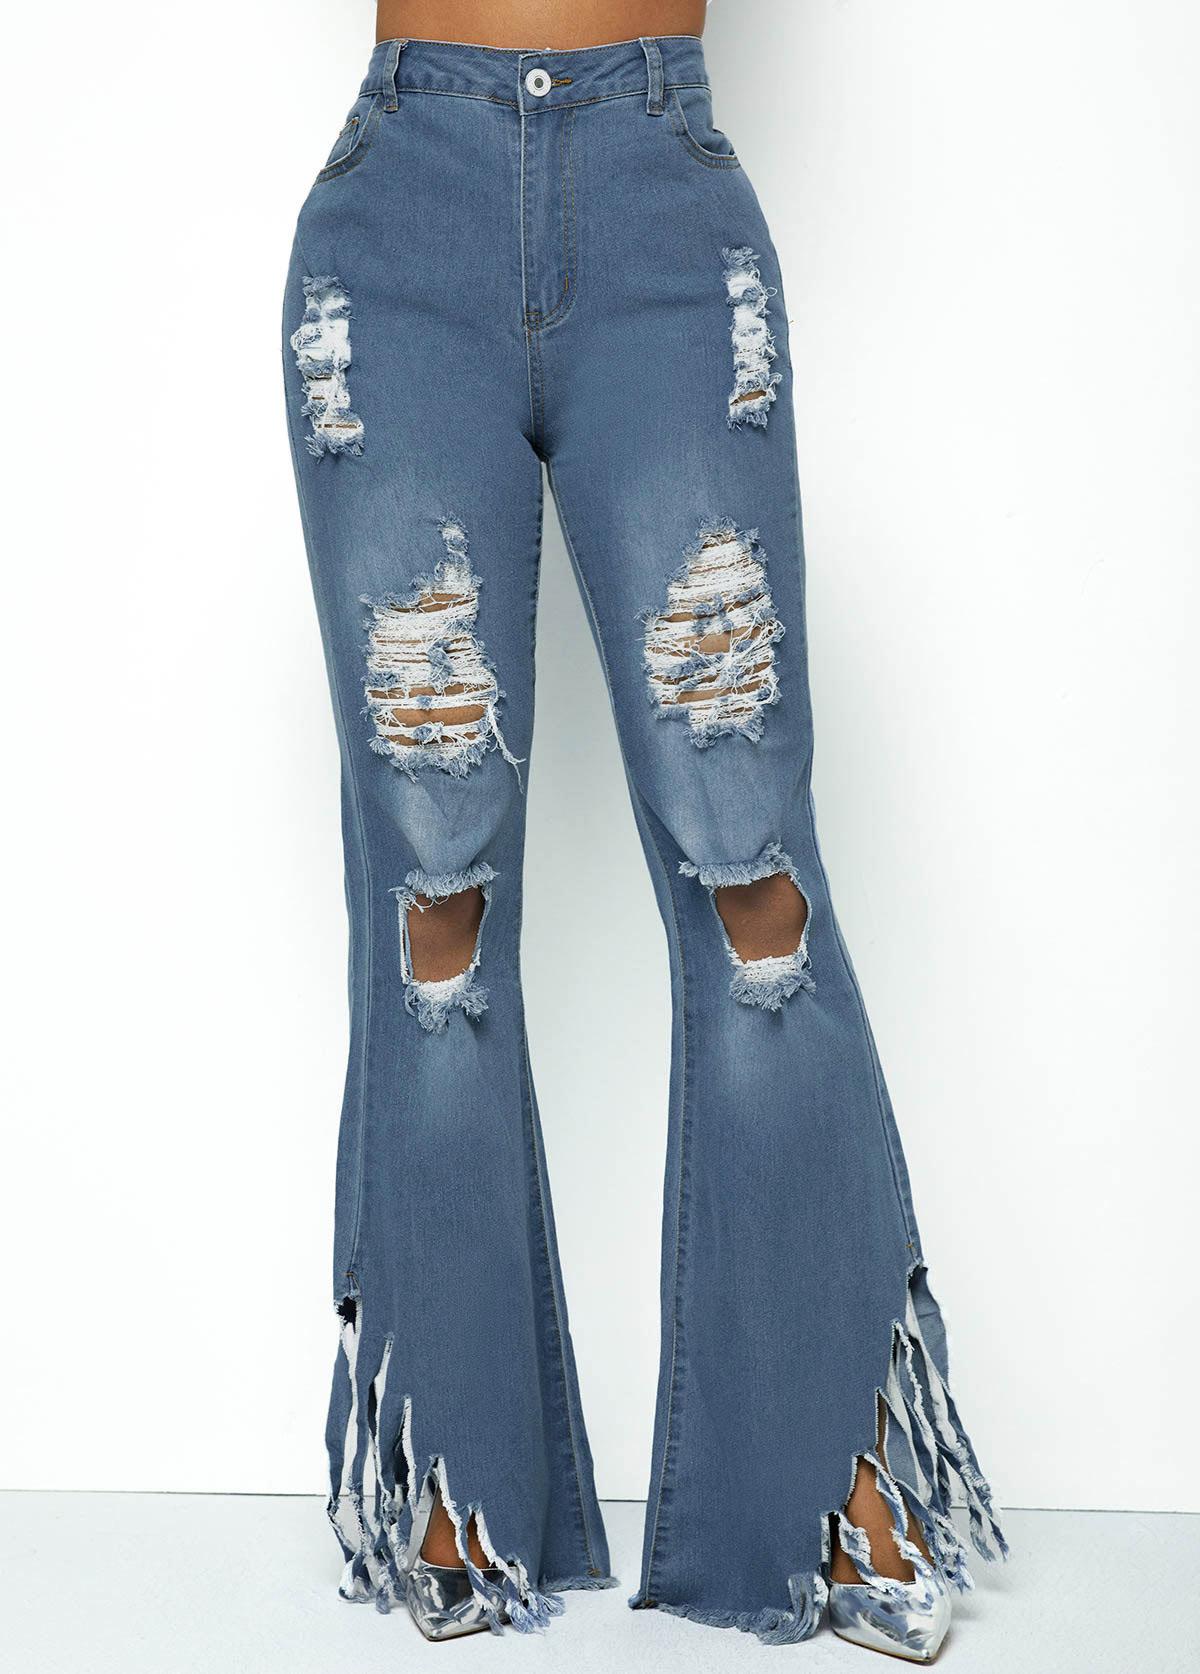 Shredded Frayed Hem Acid Washed Flare Jeans